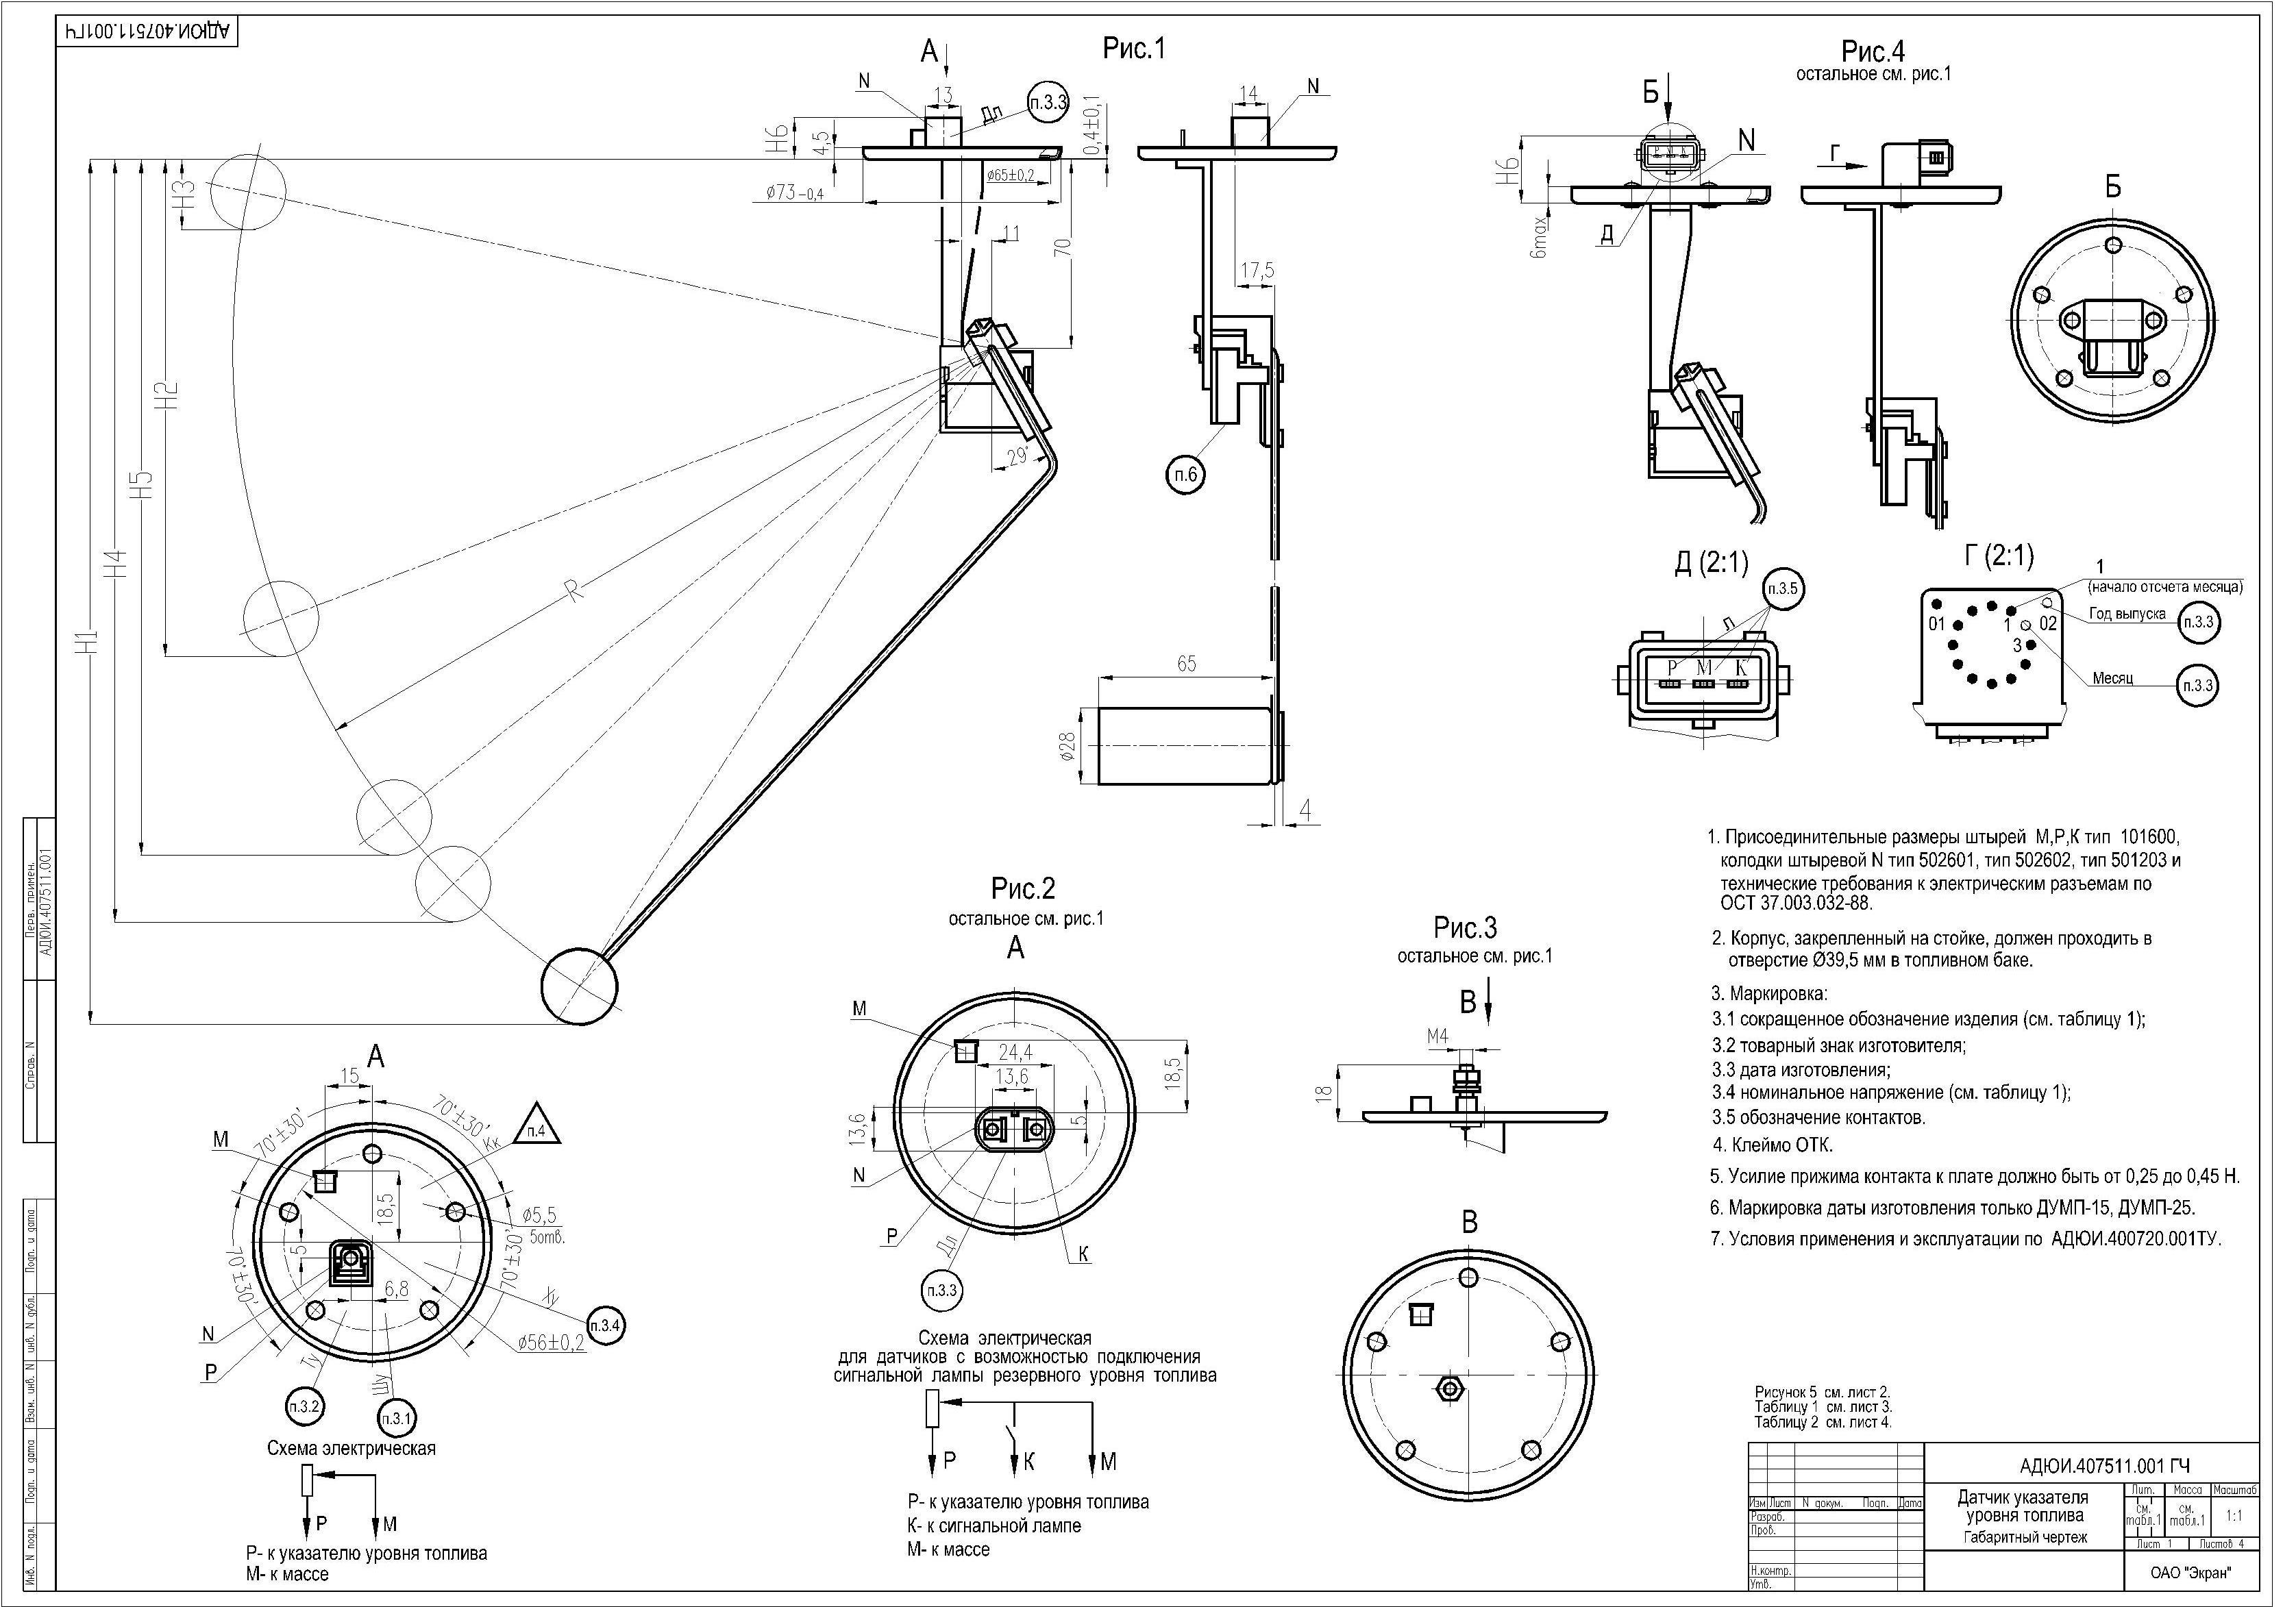 Датчик топлива схема на скутер